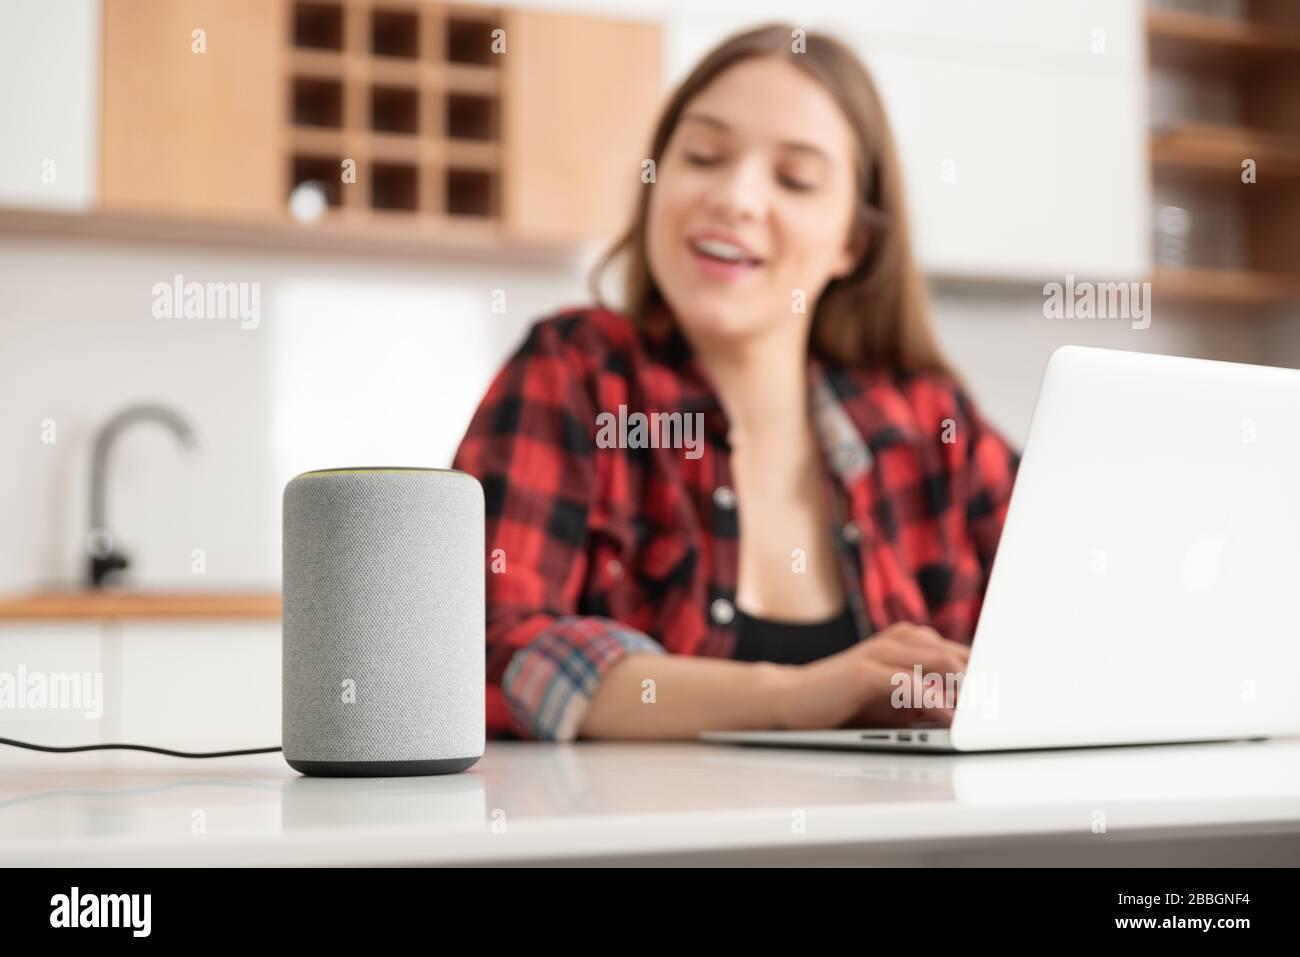 Mujer hablando con un altavoz inteligente. Asistente inteligente en sistema de hogar inteligente. Foto de stock